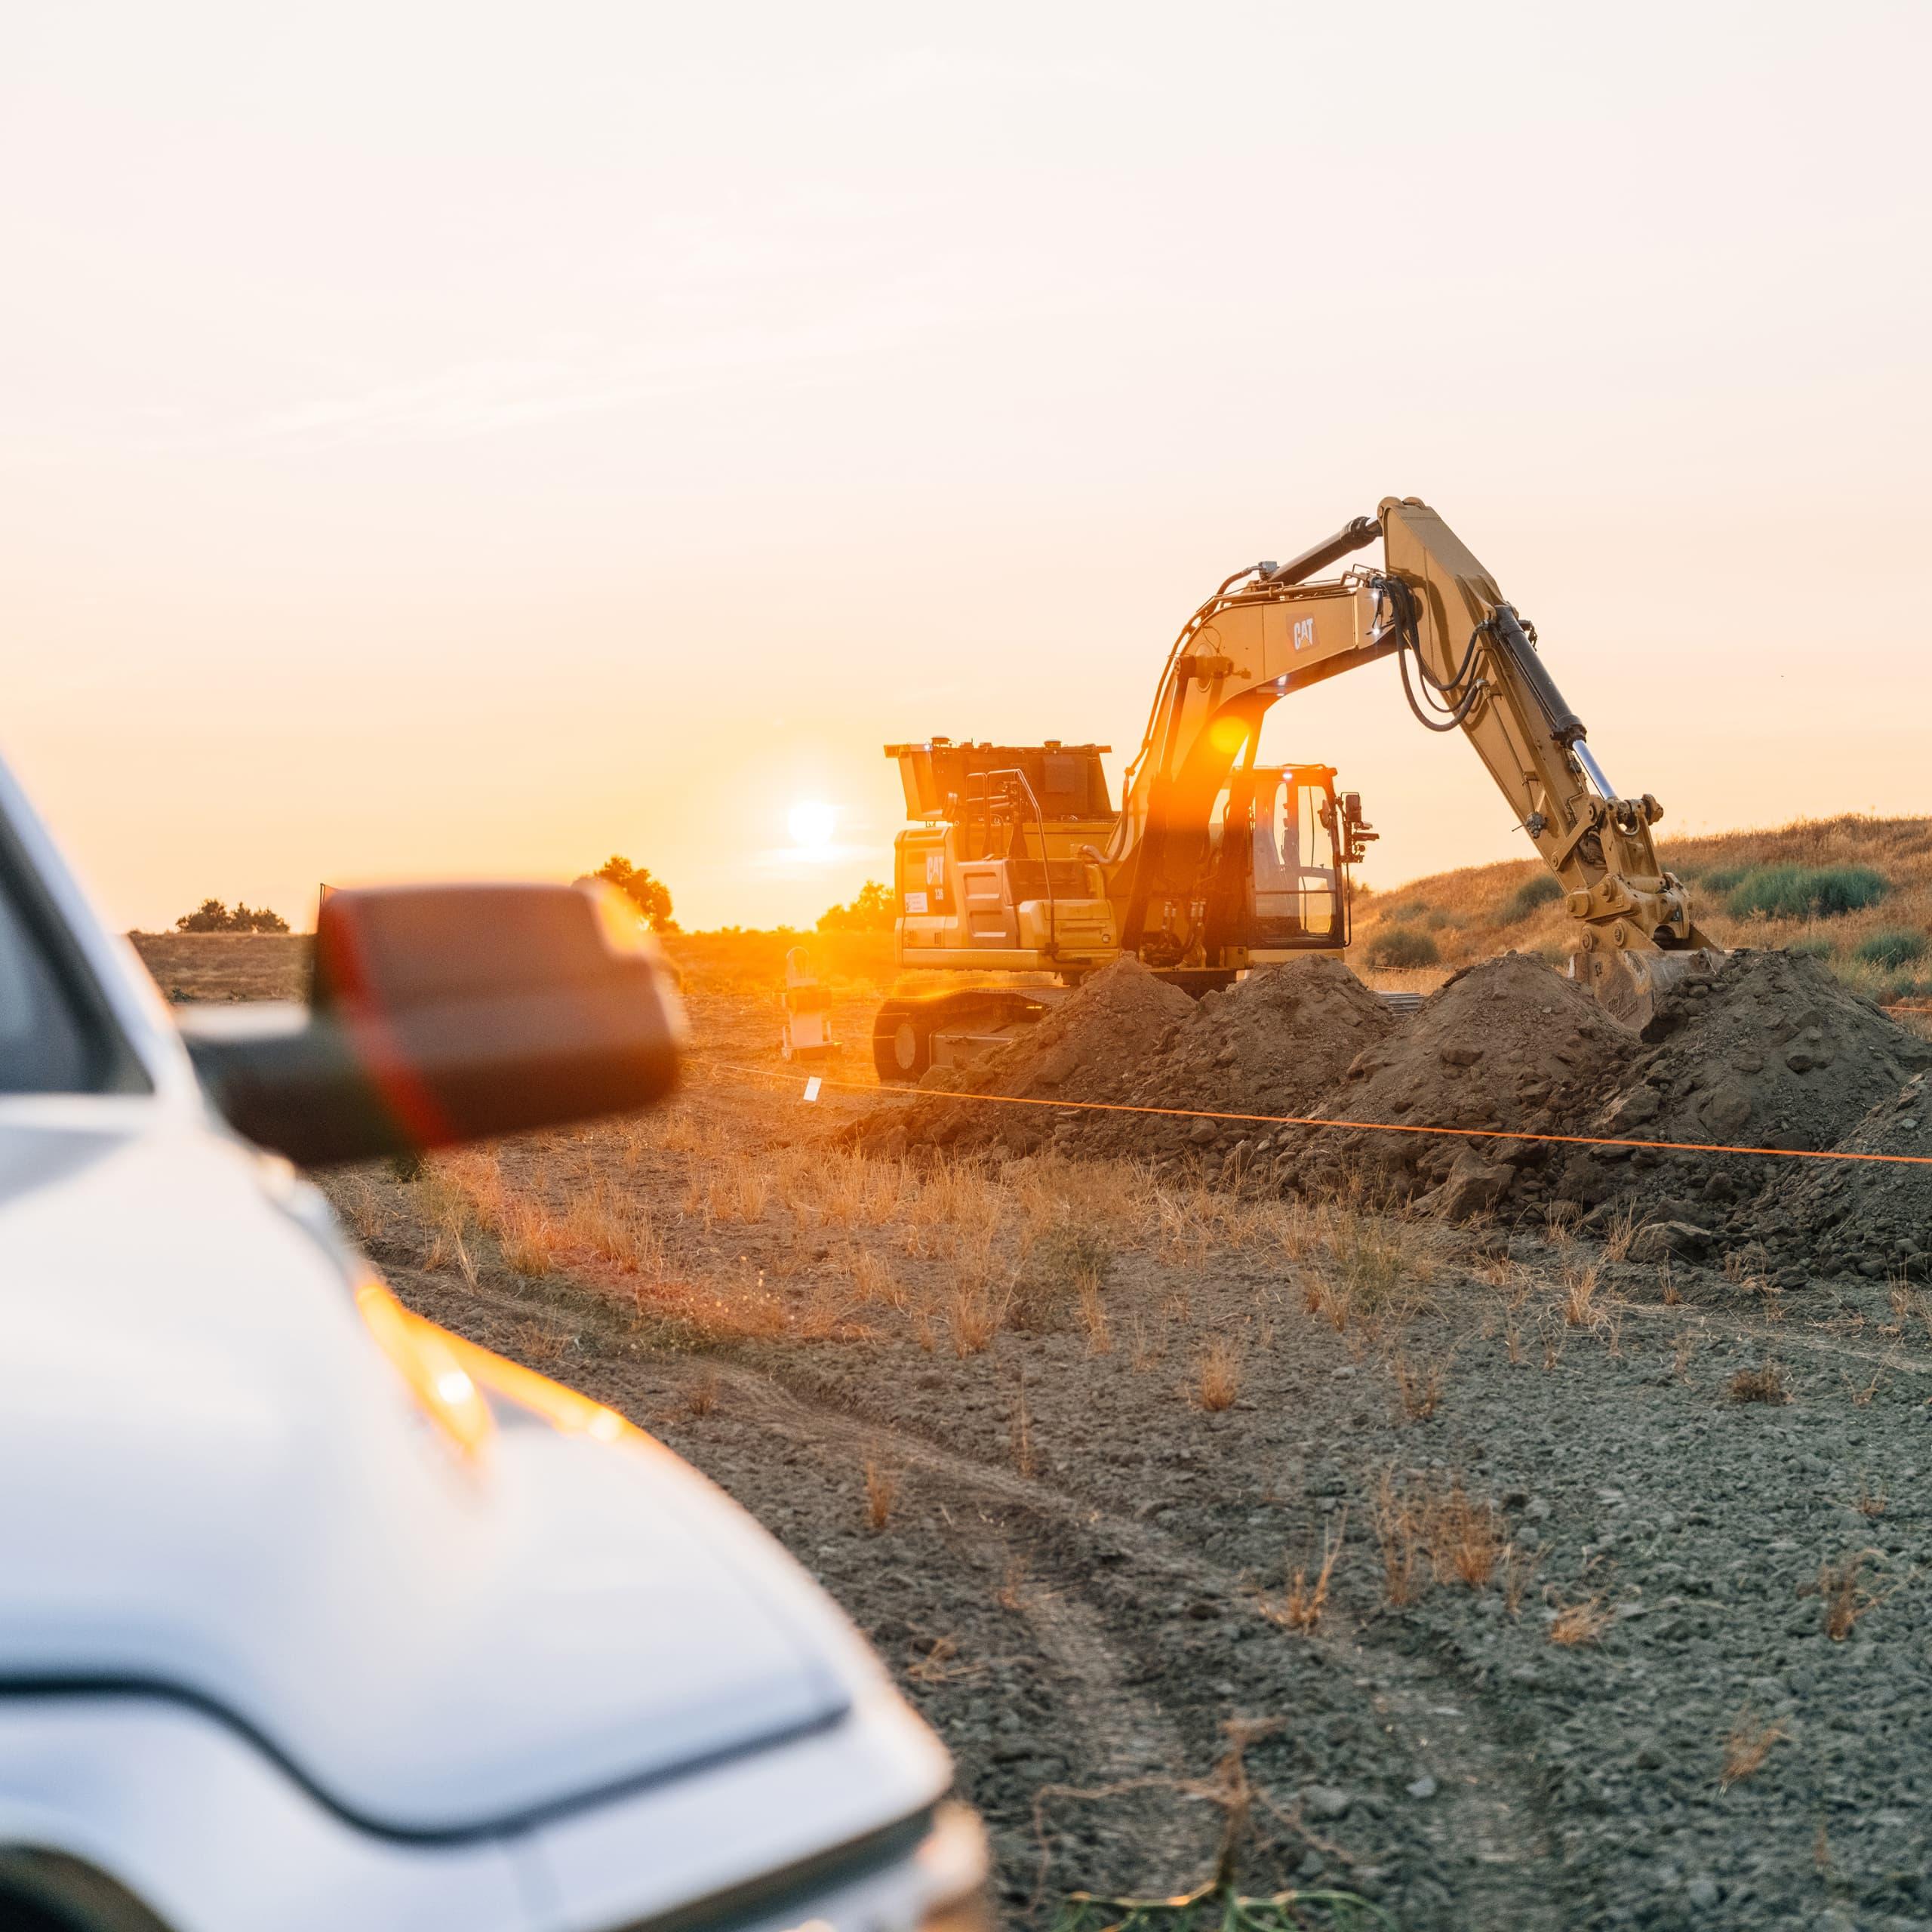 Utilization excavator